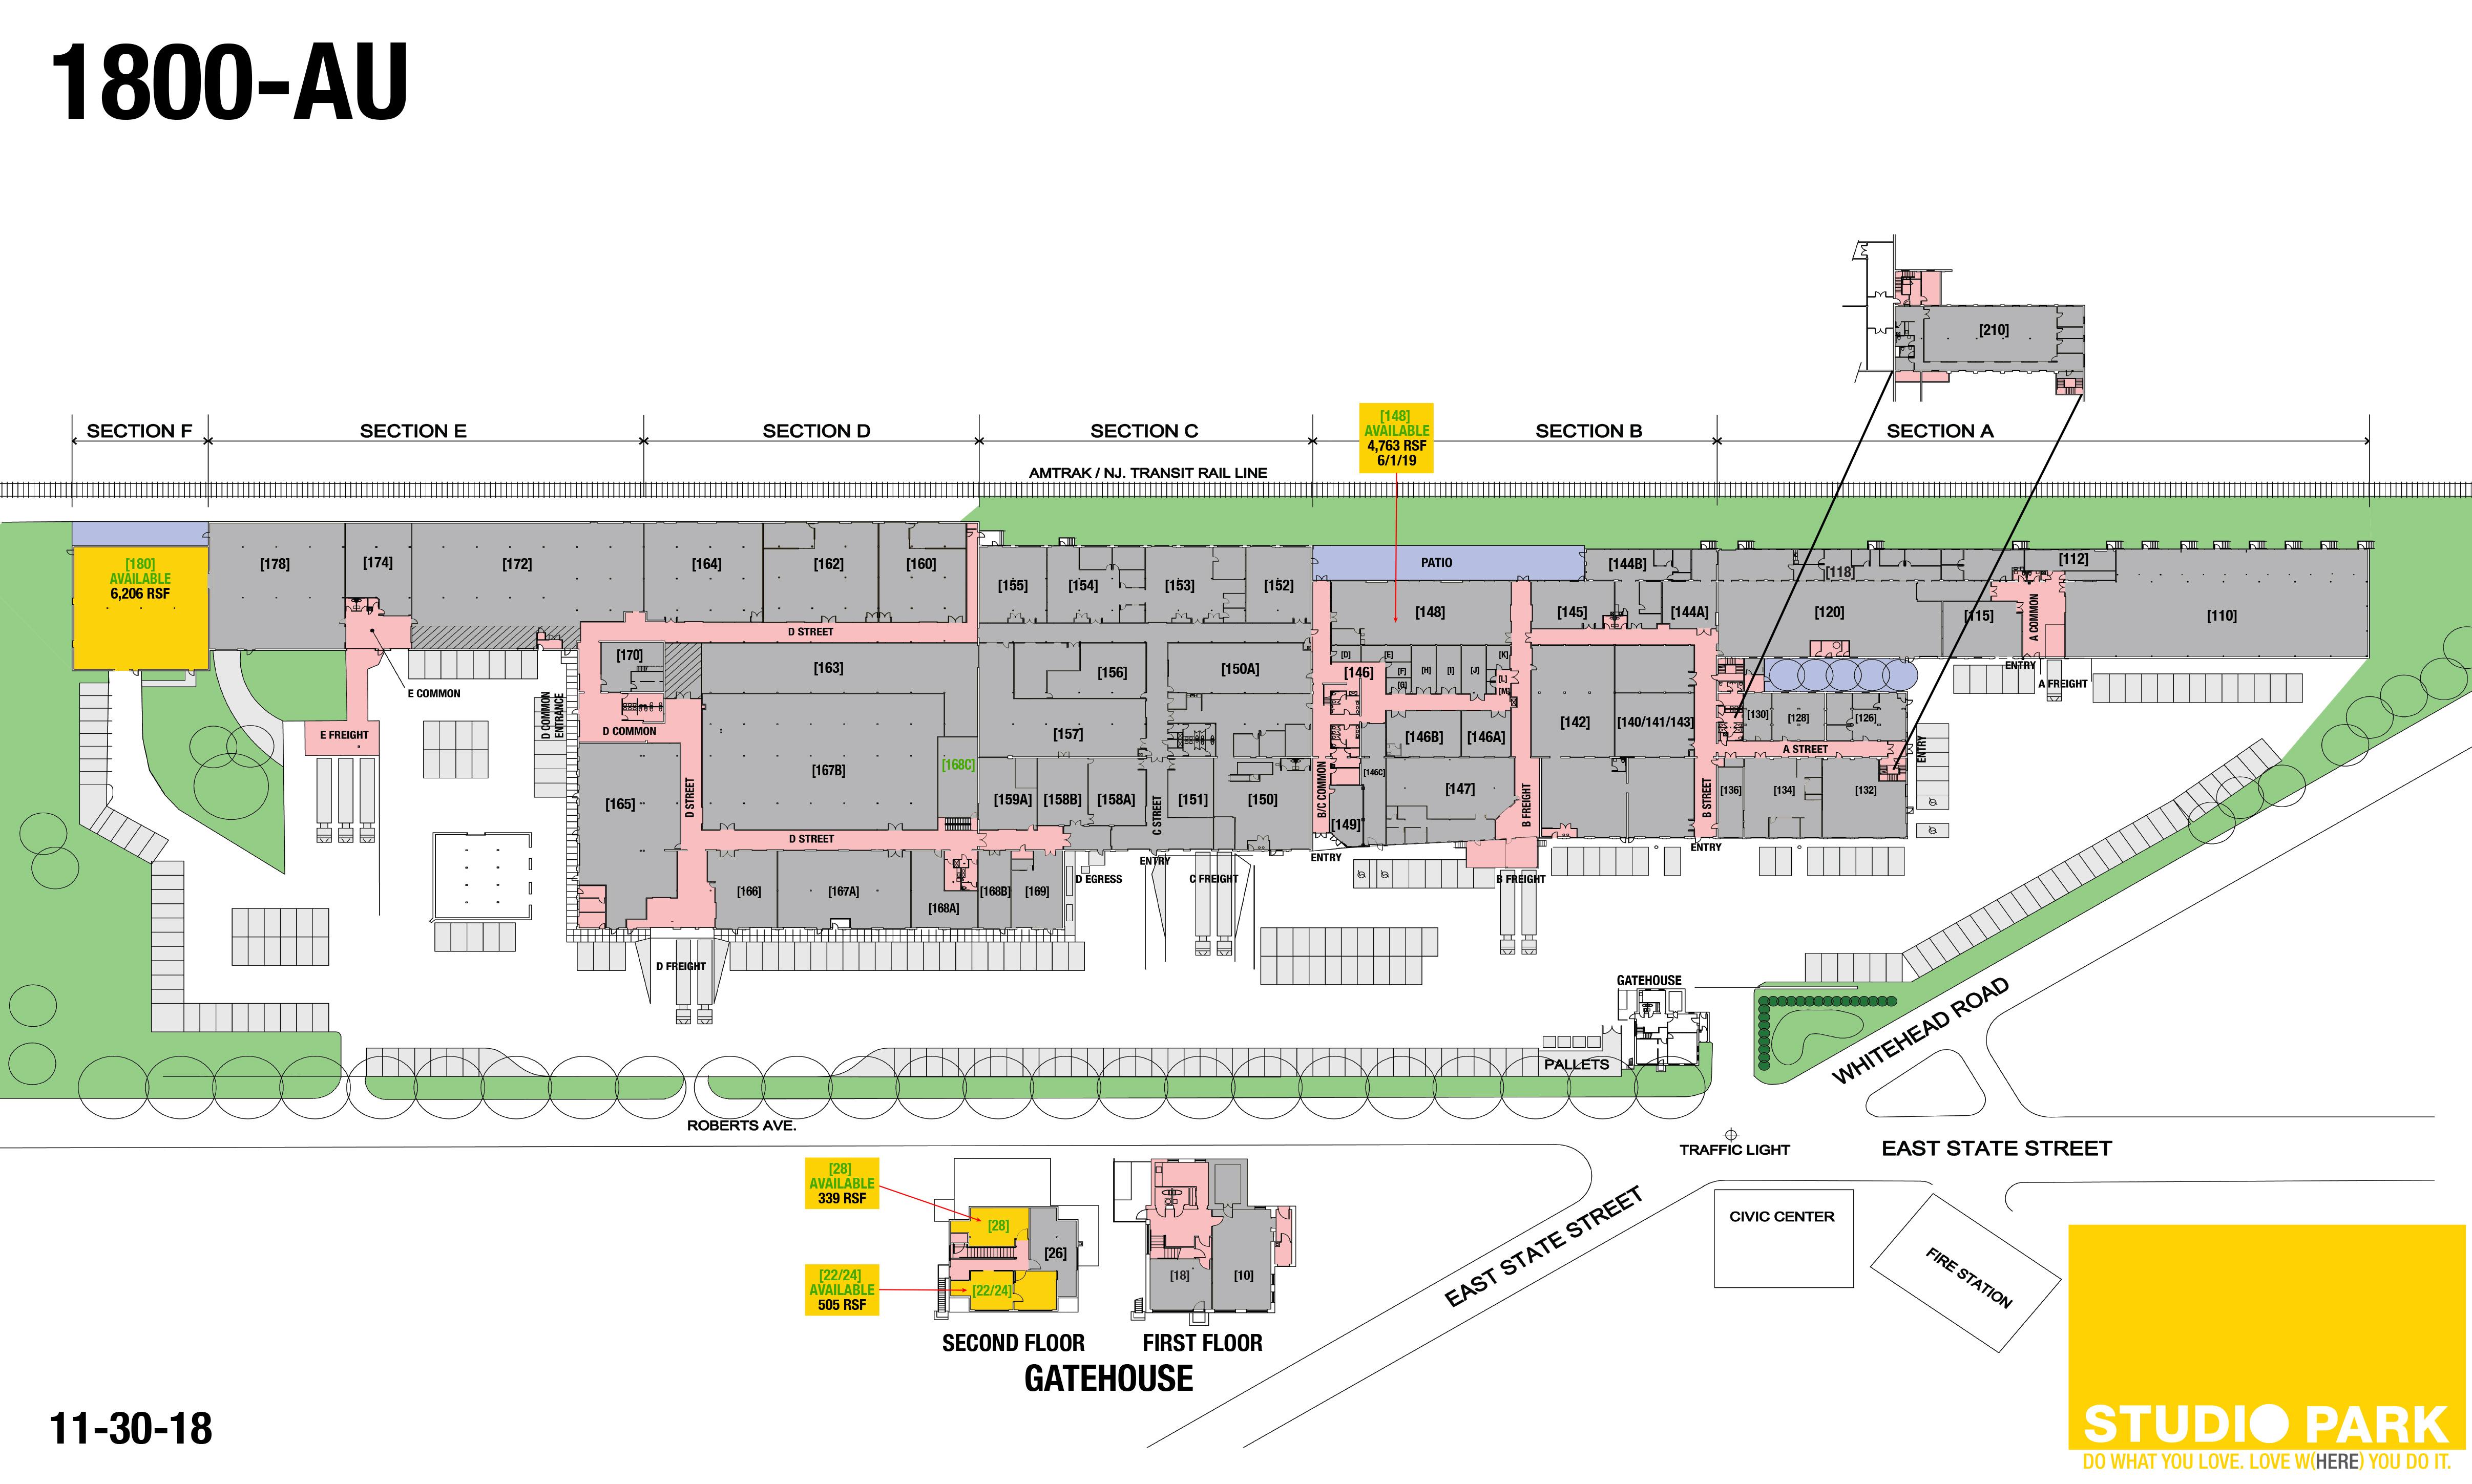 Studio Park floor plan - 12-13-17